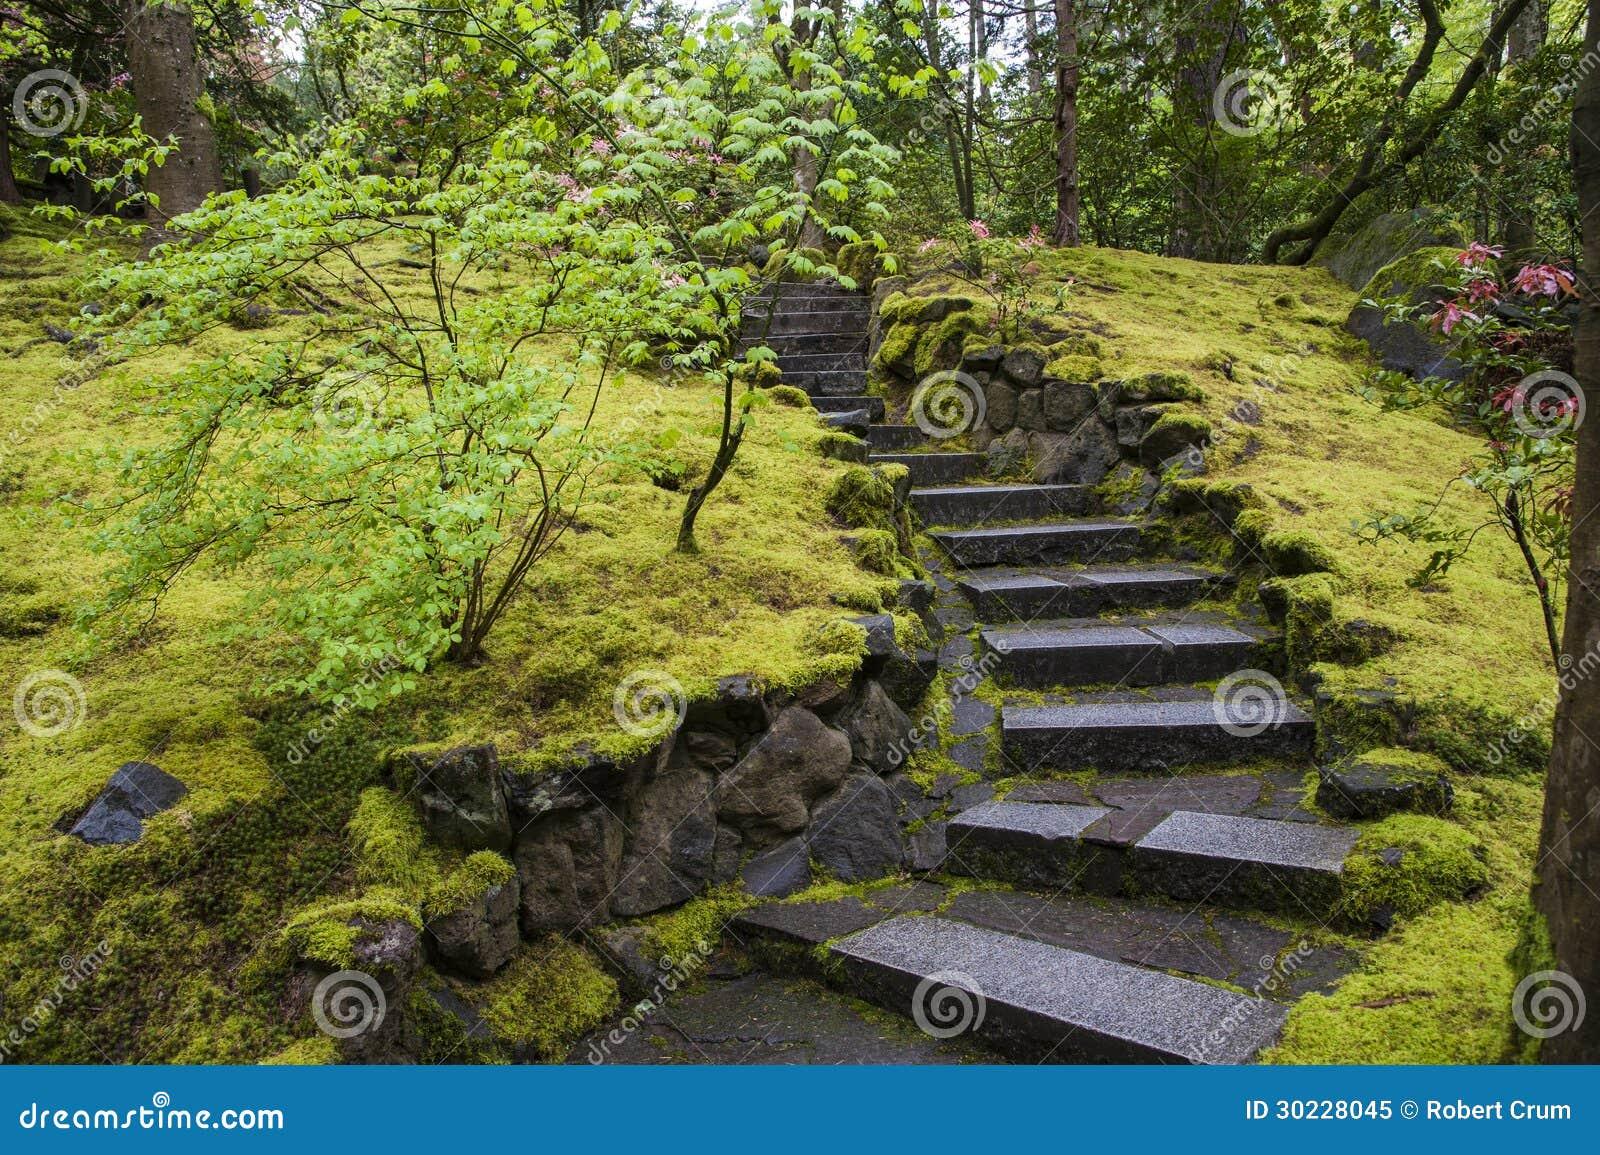 escalier en pierre dans un jardin photo libre de droits image 30228045